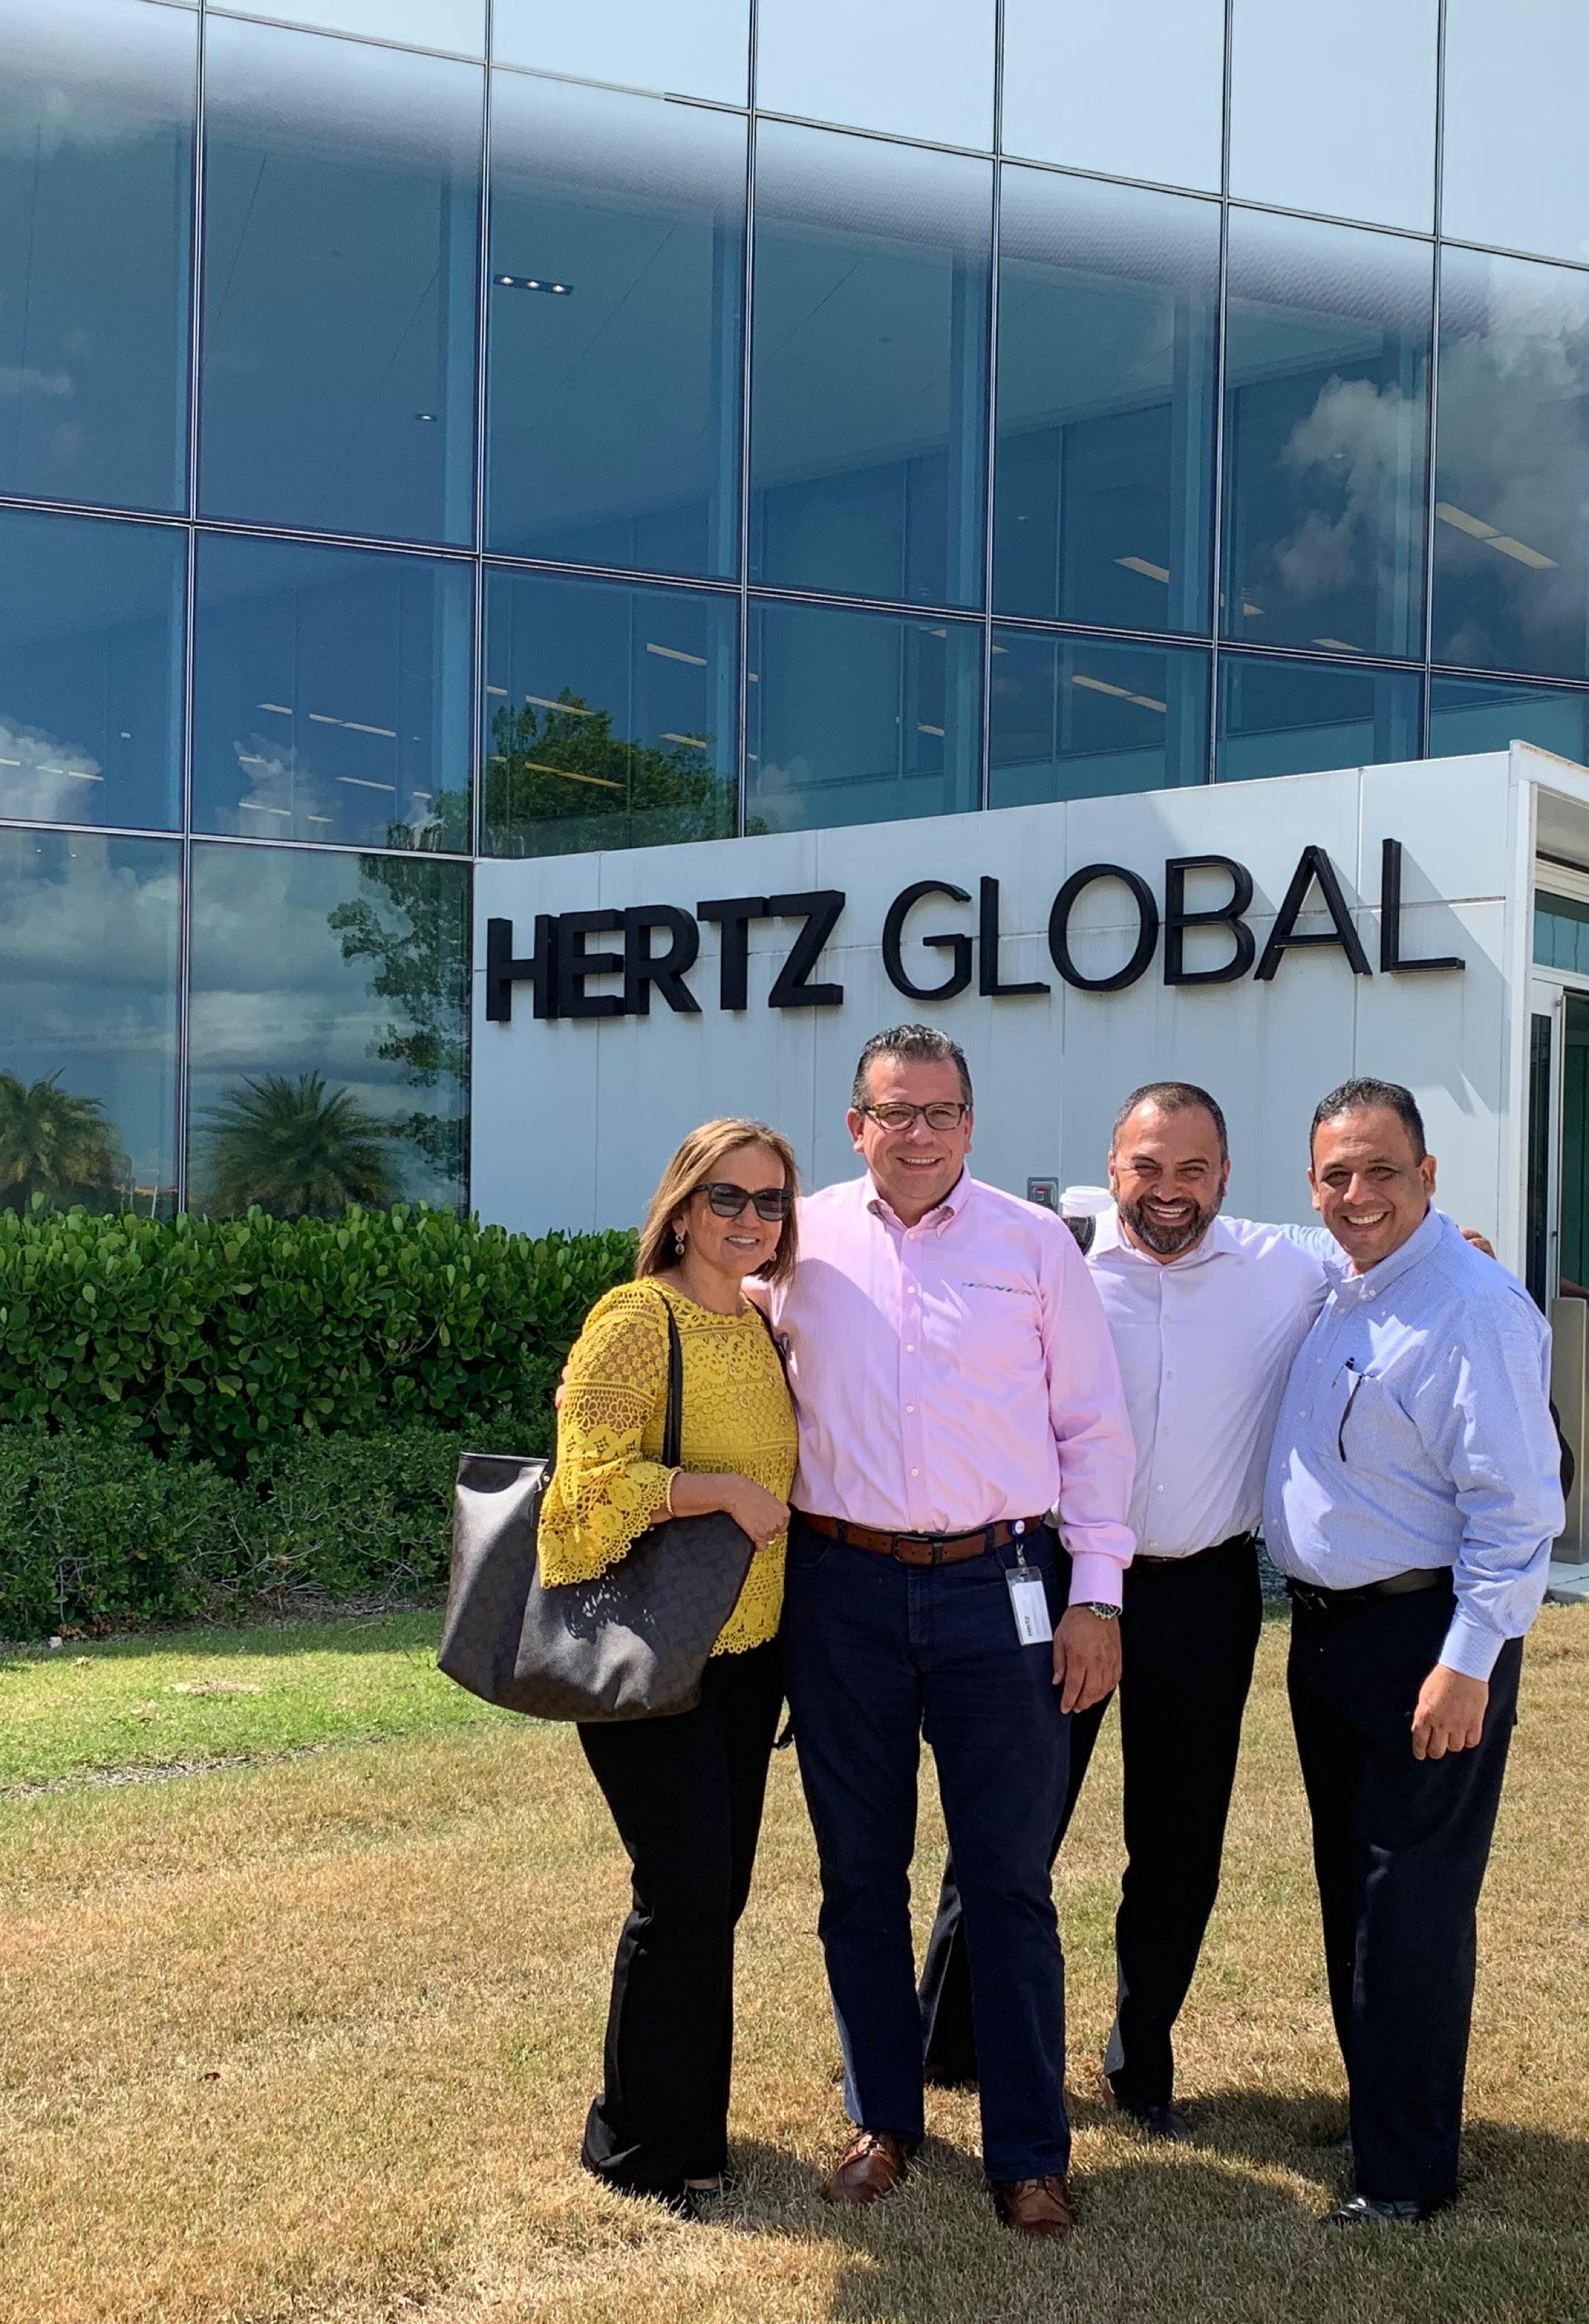 hertz team.jpg